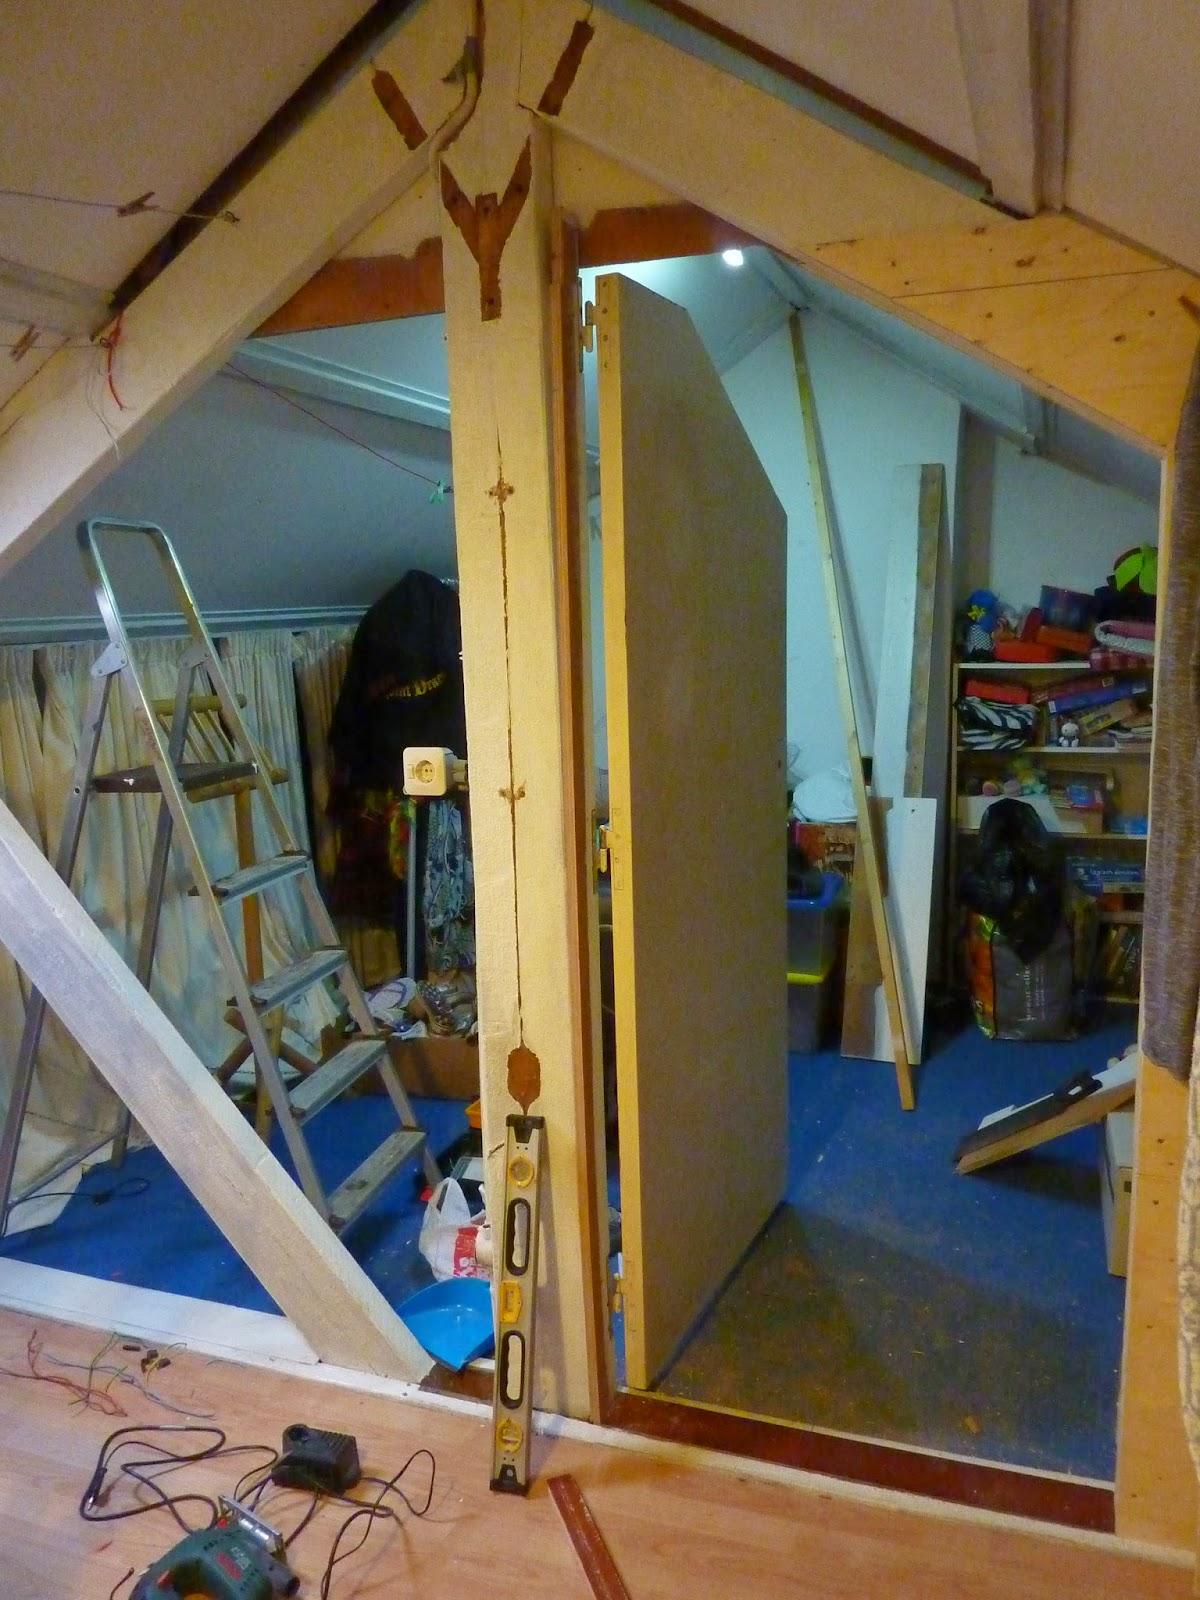 Geld is tijd zolderwand deel 2 - Furbishing een kamer op de zolder ...